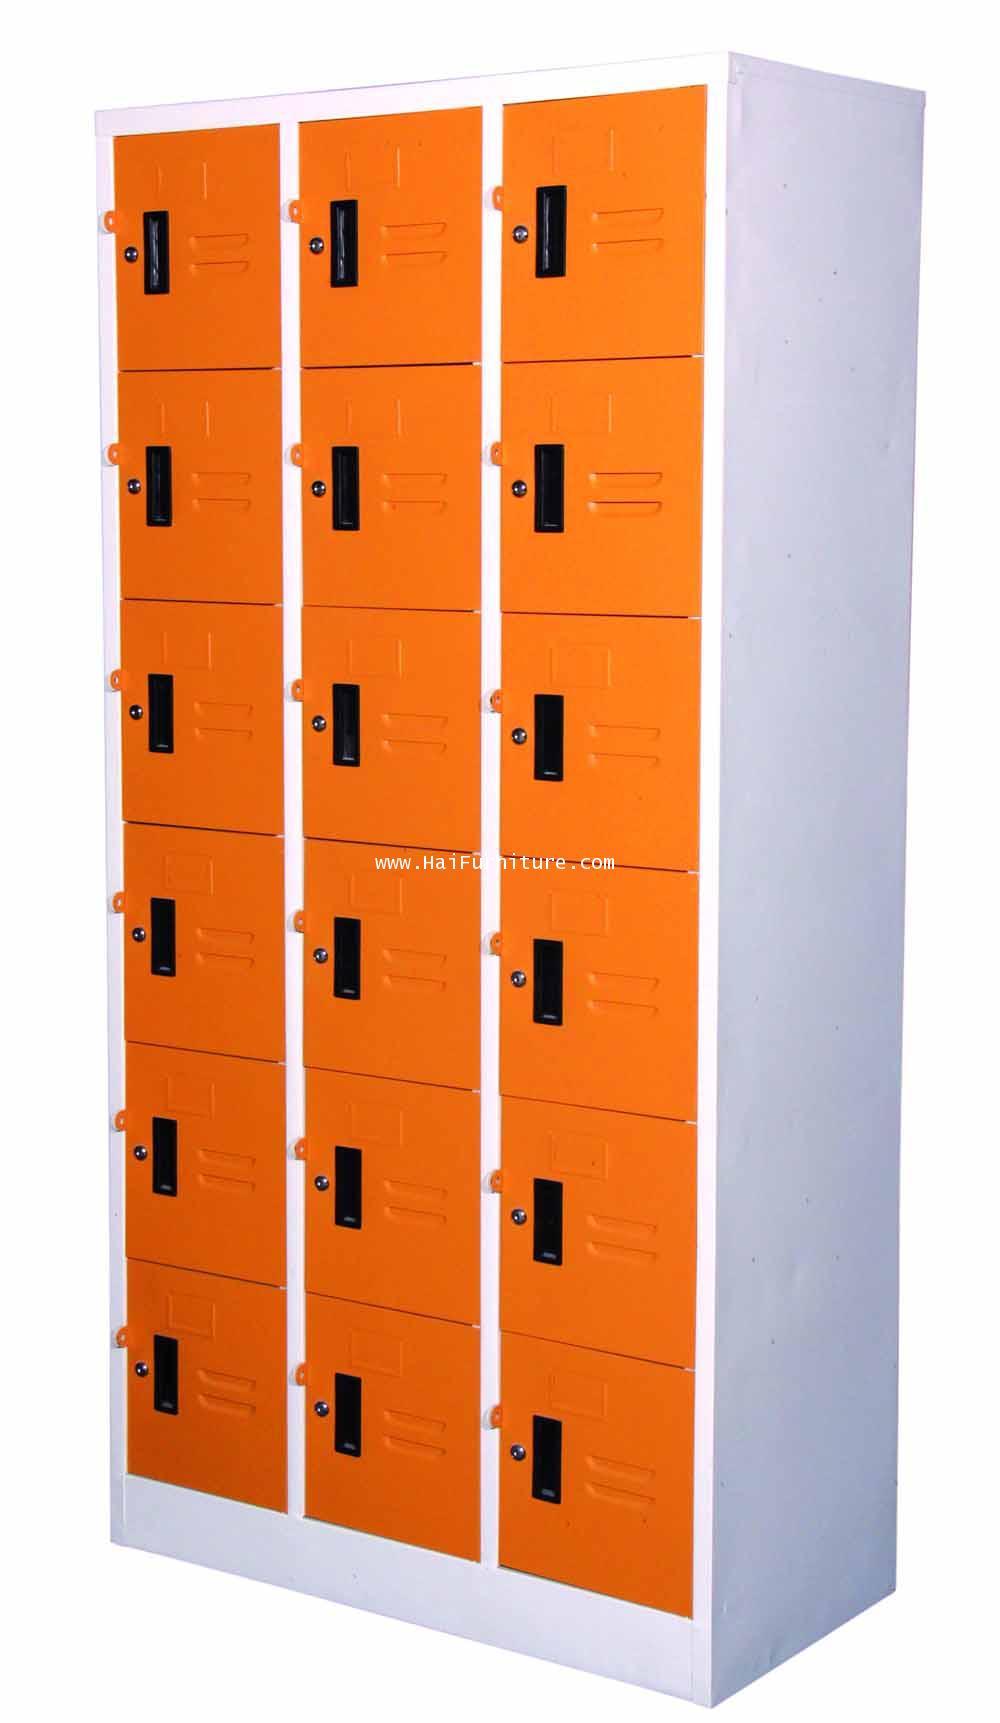 ตู้ล๊อกเกอร์เหล็ก 18 ช่อง LK-18 Elegant 91.4*45.6*183 ซม. 4